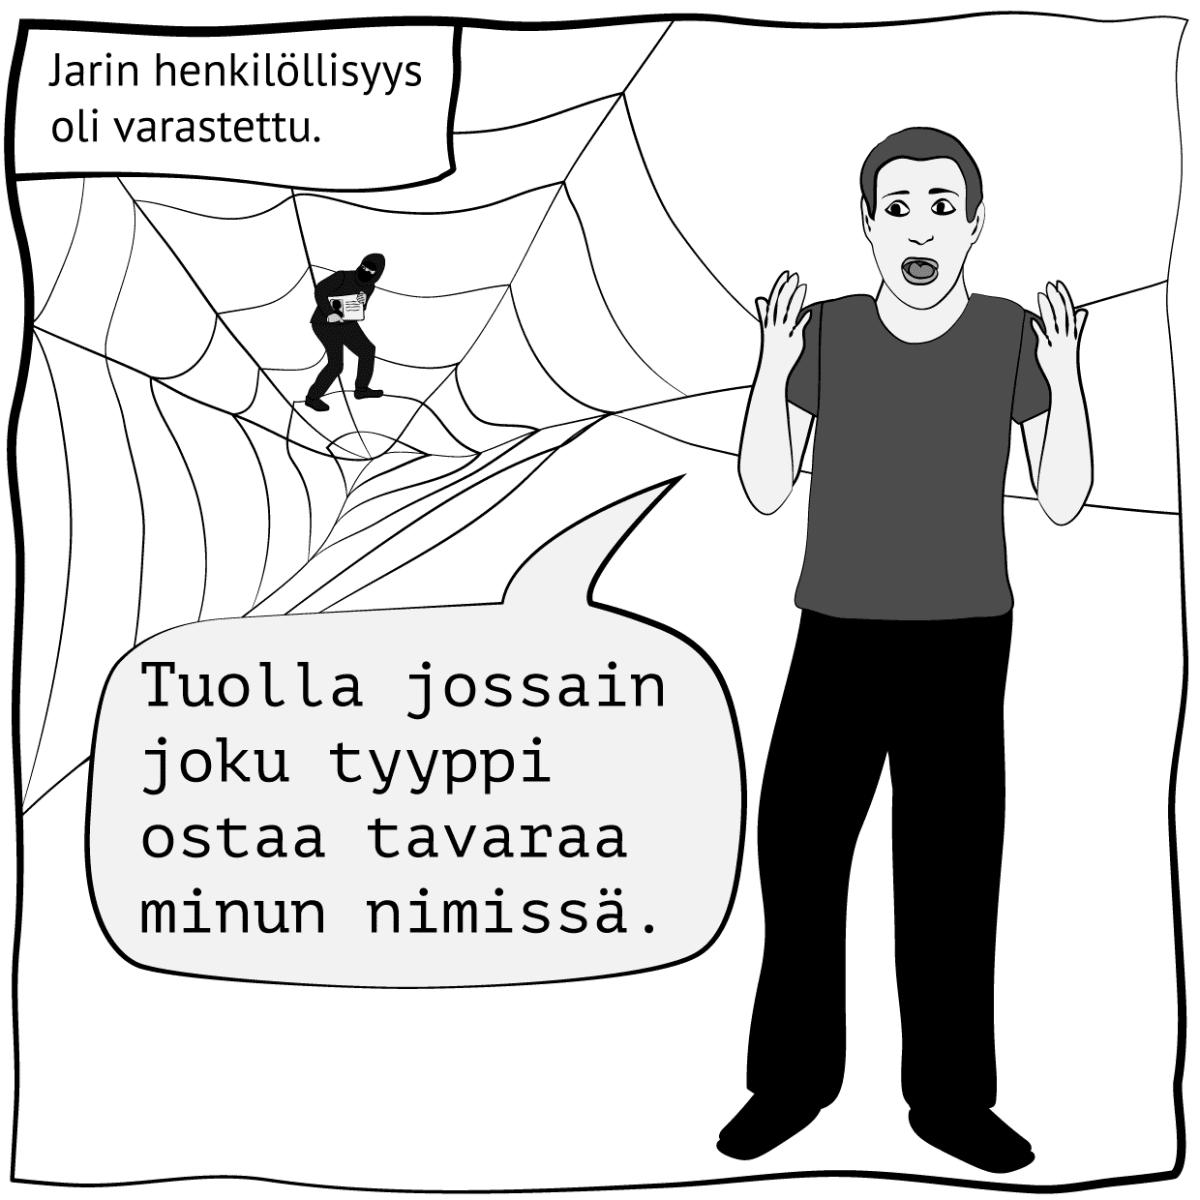 """Piirroskuva, jossa lukee: """"Jarin henkilöllisyys oli varastettu"""". Kuva: Stina Tuominen / Yle"""